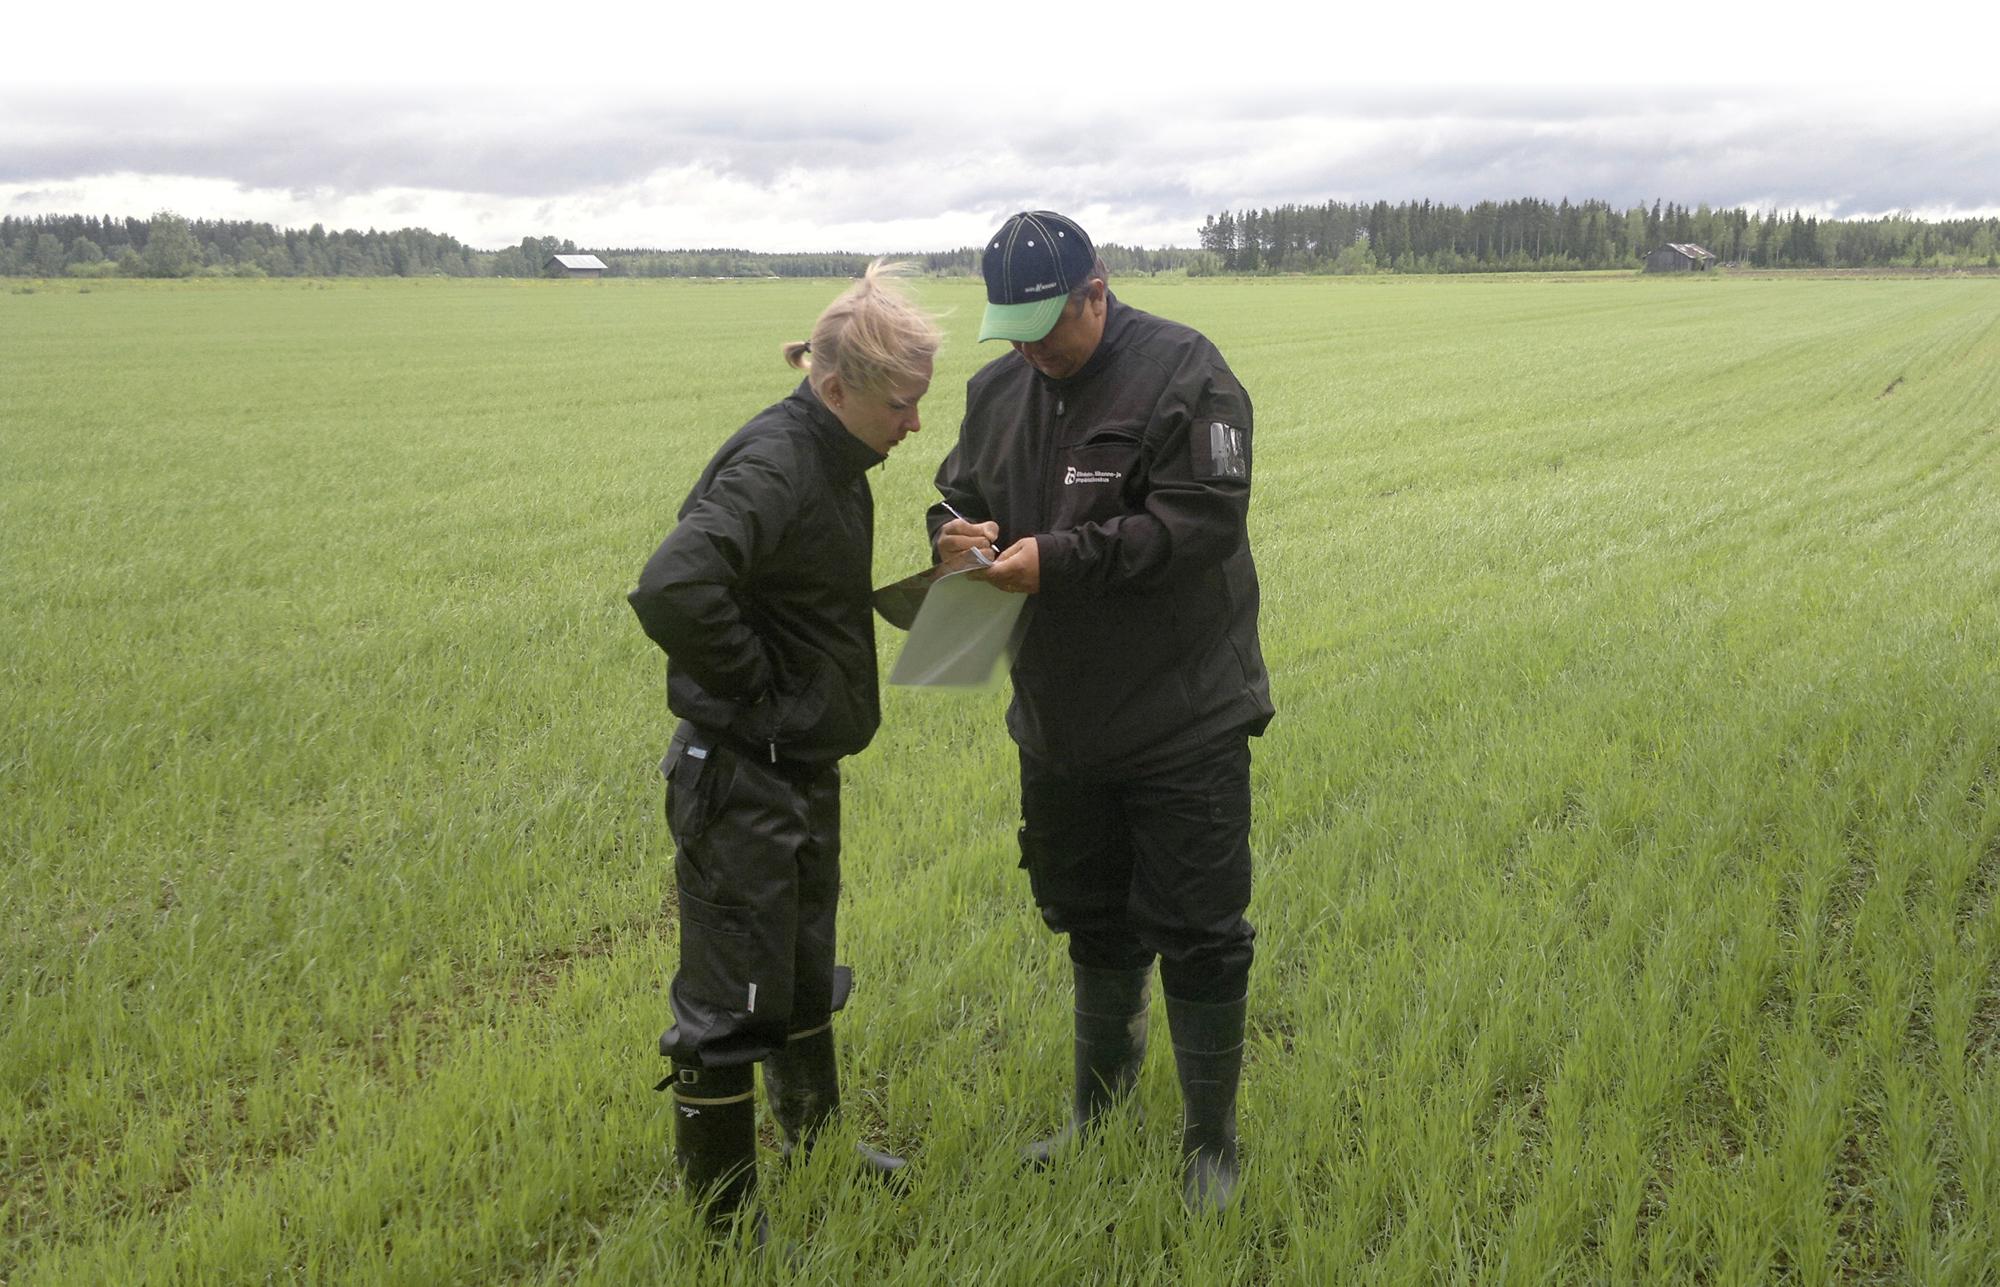 Toteutuuko viljelijän oikeusturva?